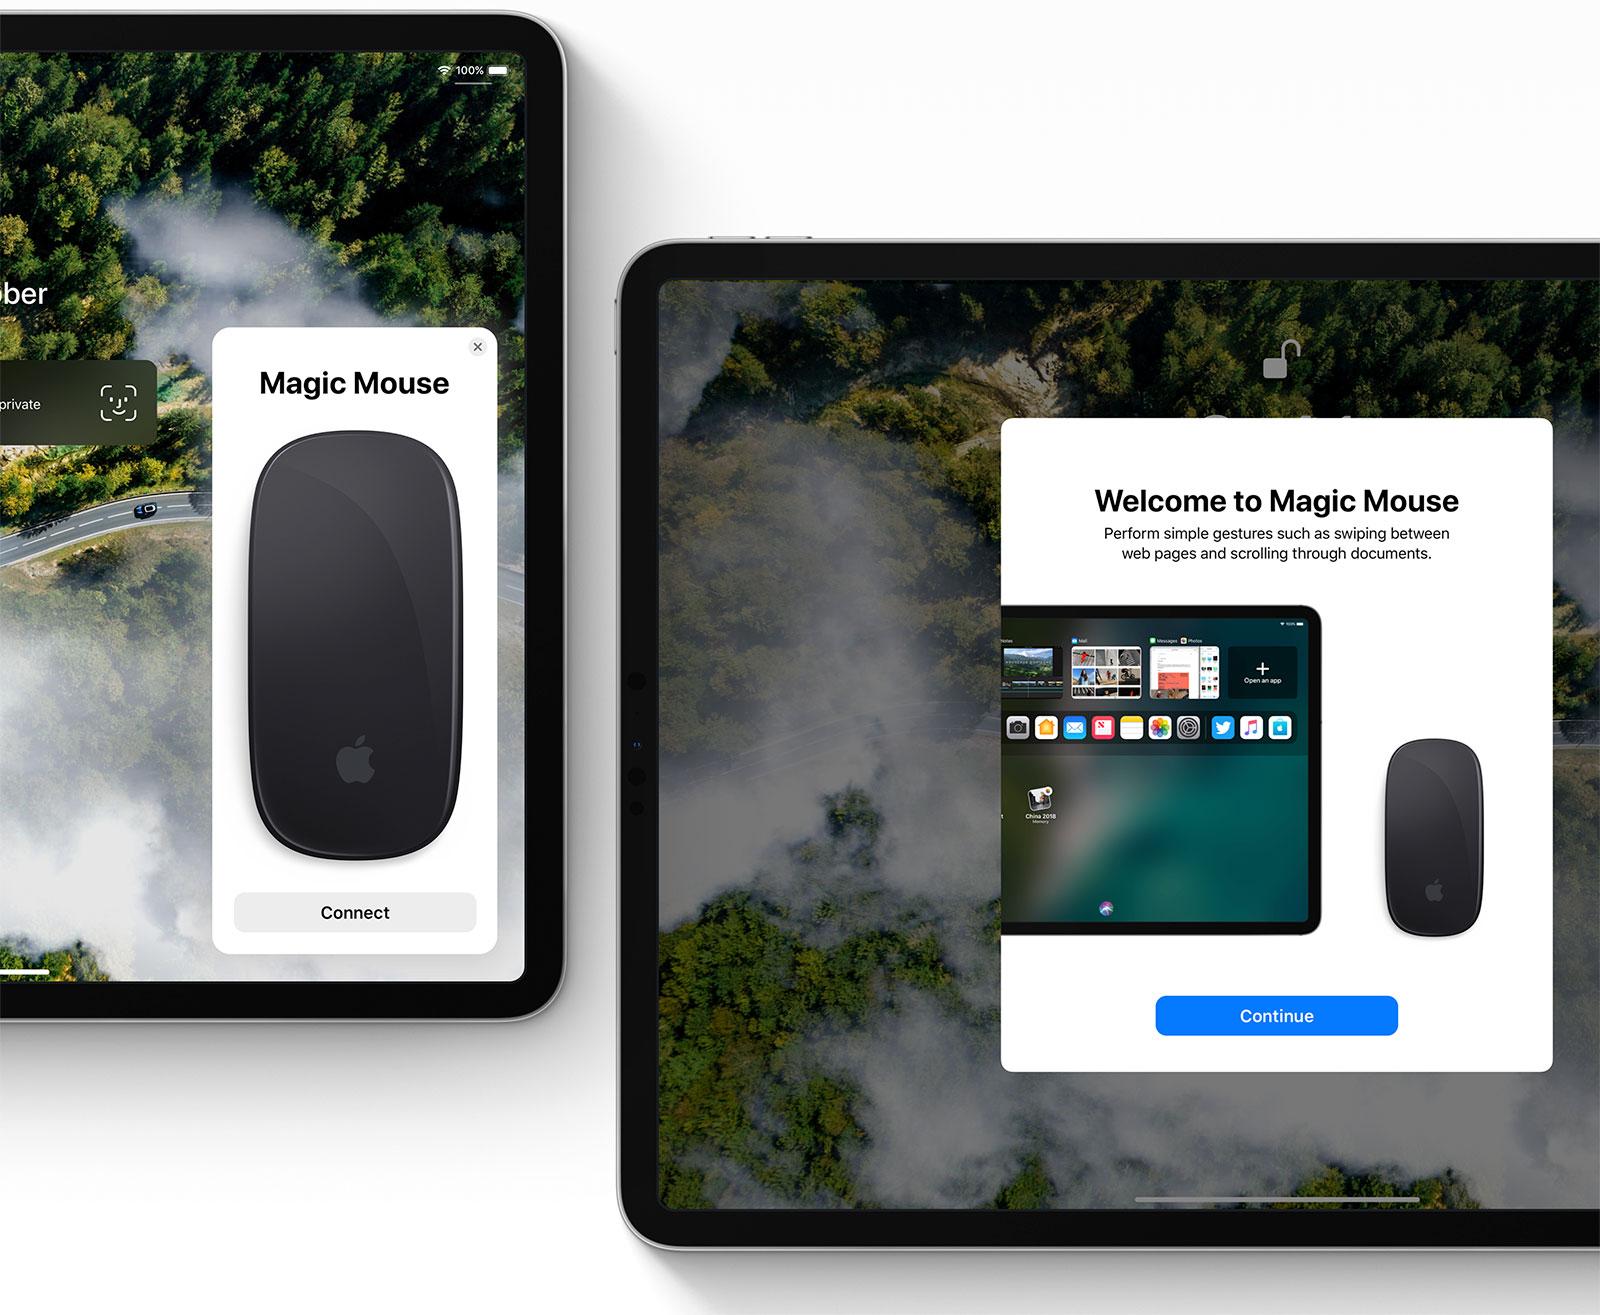 Concepto de diseño de iOS 13 en el iPad por Léo Vallet